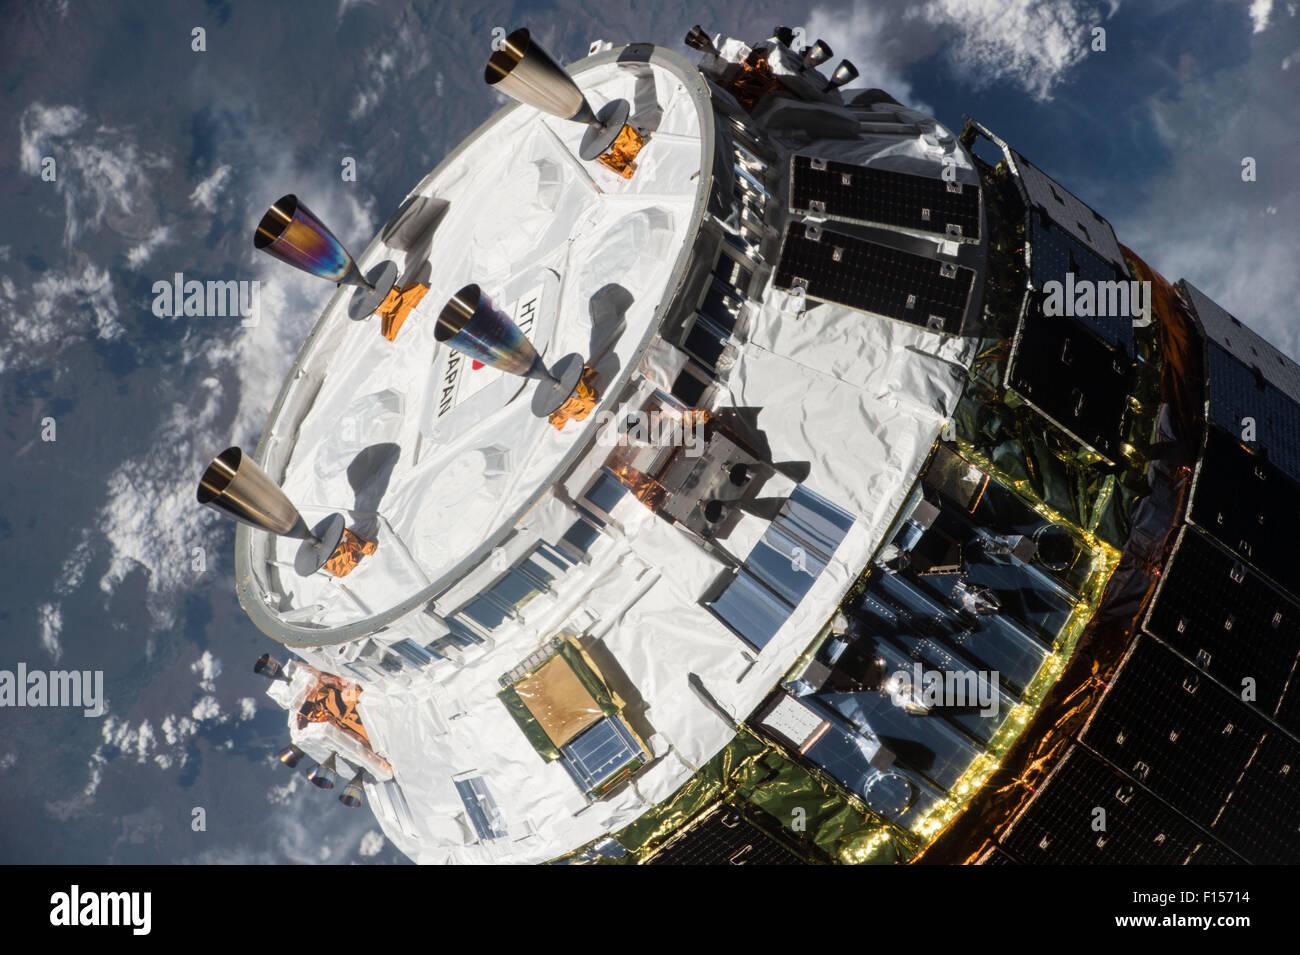 La Japan Aerospace Exploration Agency Kounotori 5 H-II veicolo di trasferimento di carico veicolo spaziale si avvicina Immagini Stock